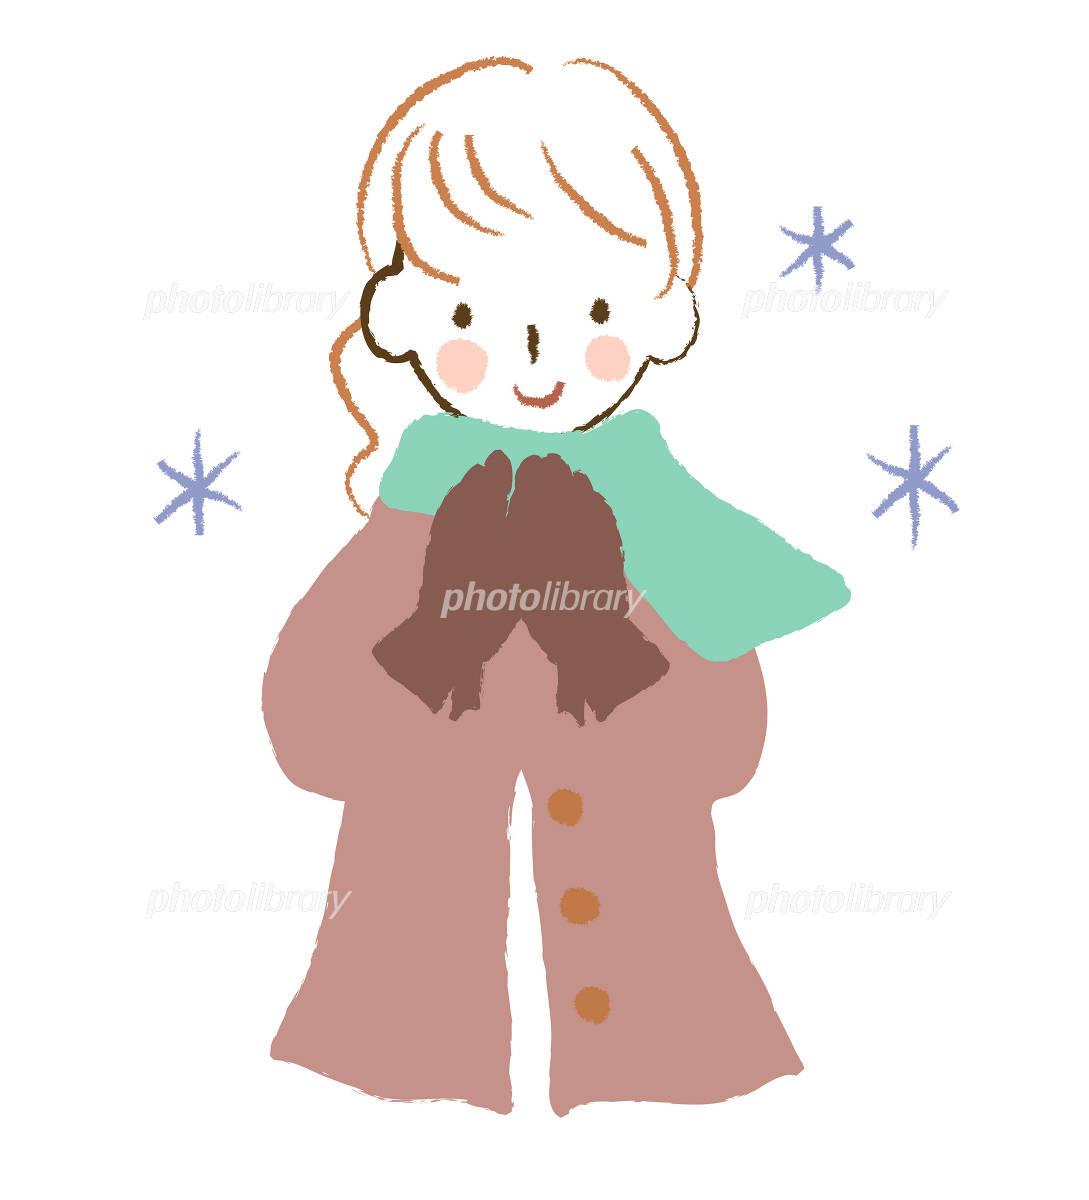 コートを着た女性 イラスト素材 [ 1032330 ] - フォトライブラリー